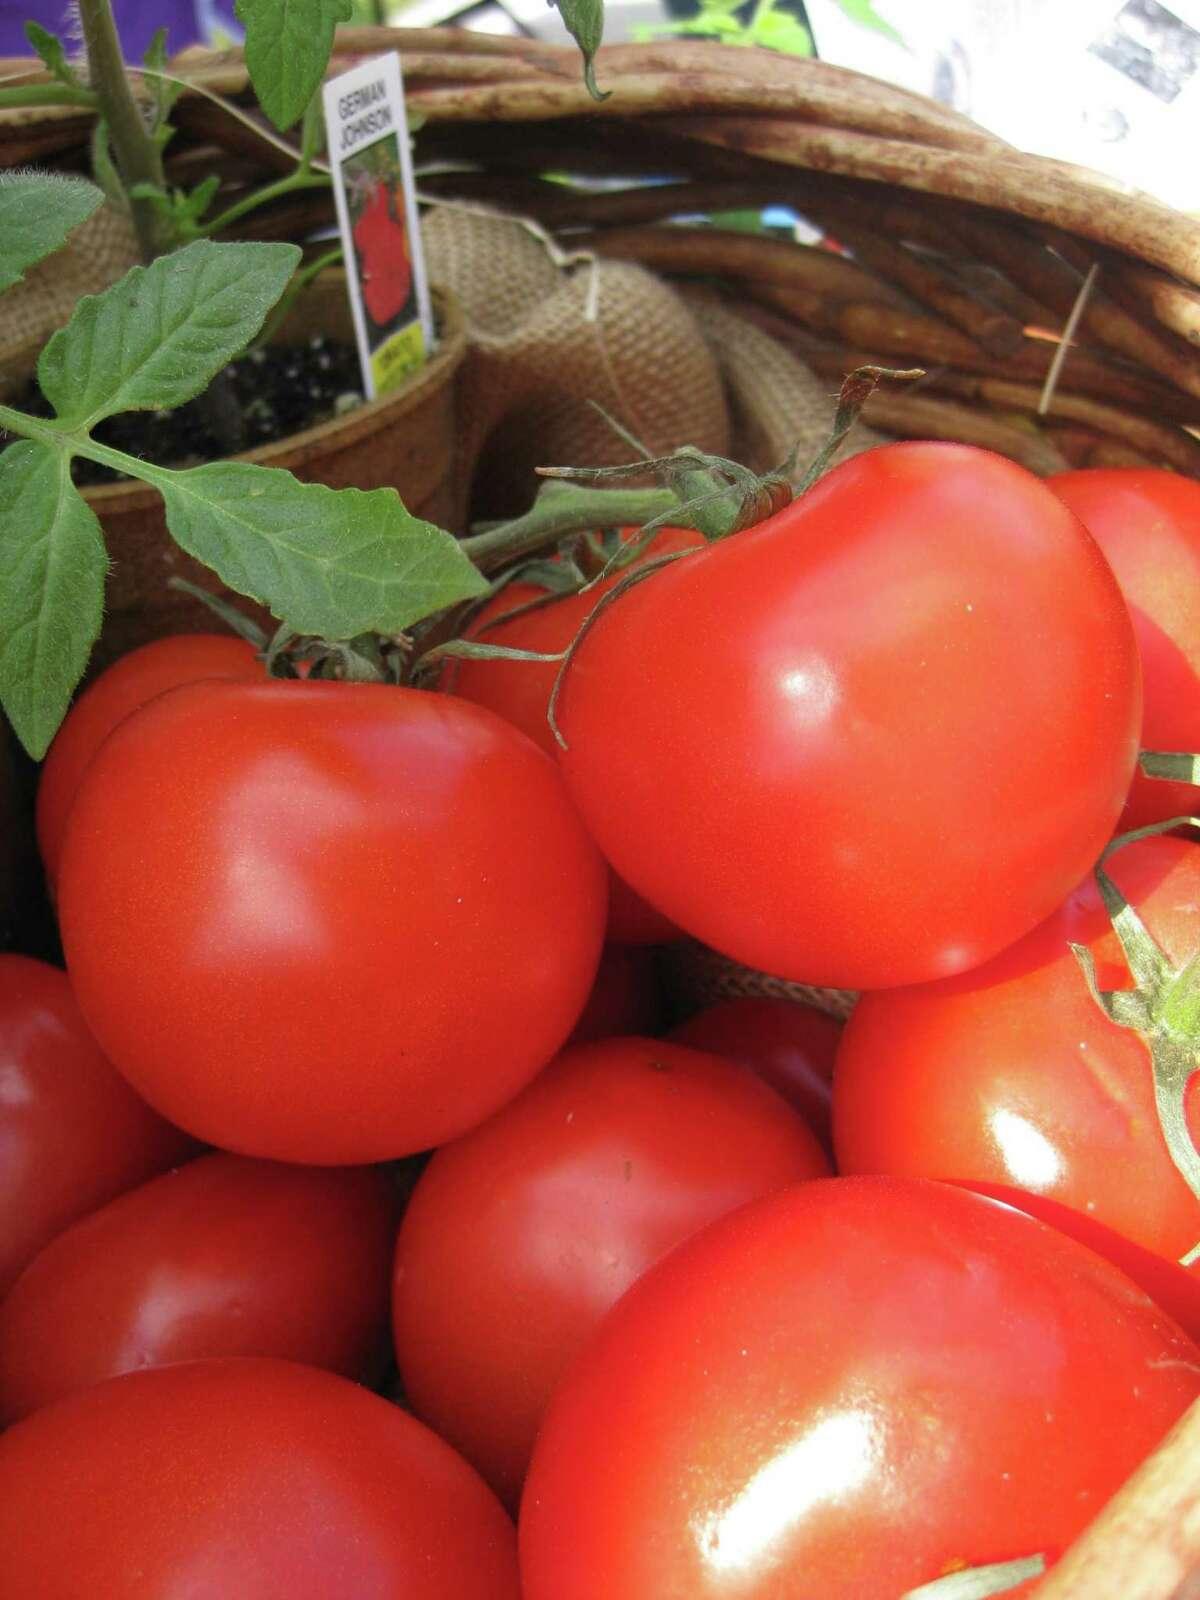 Bridgeland Farmers Market & More returns on Jan. 10 in Cypress.